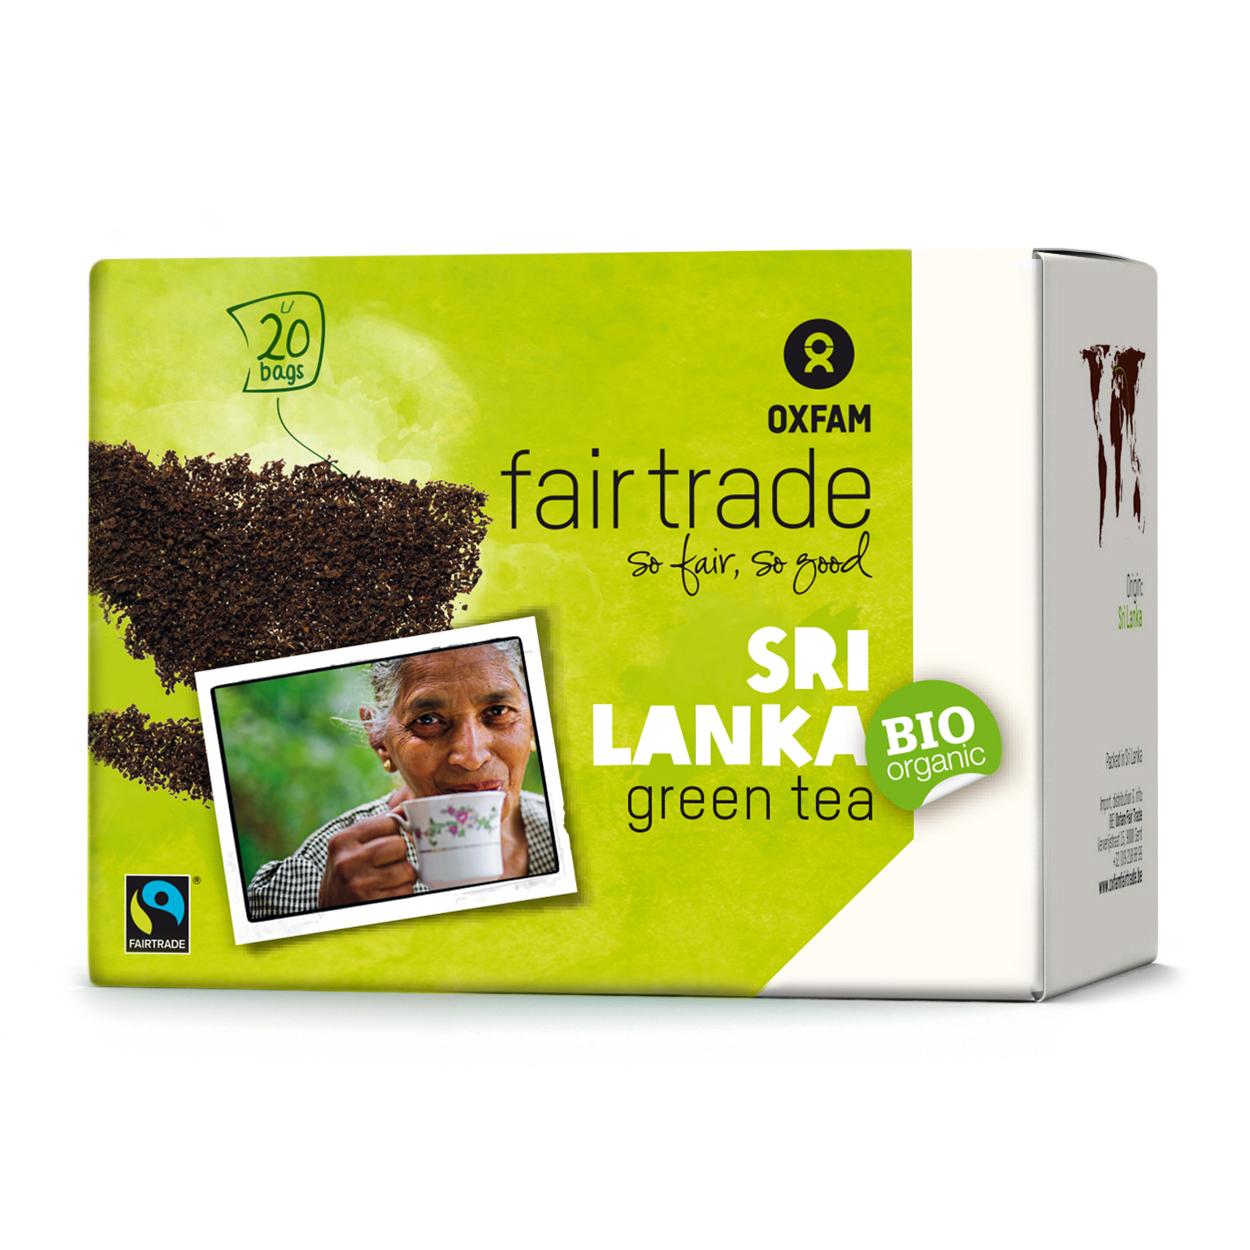 Oxfam Fair Trade 23400